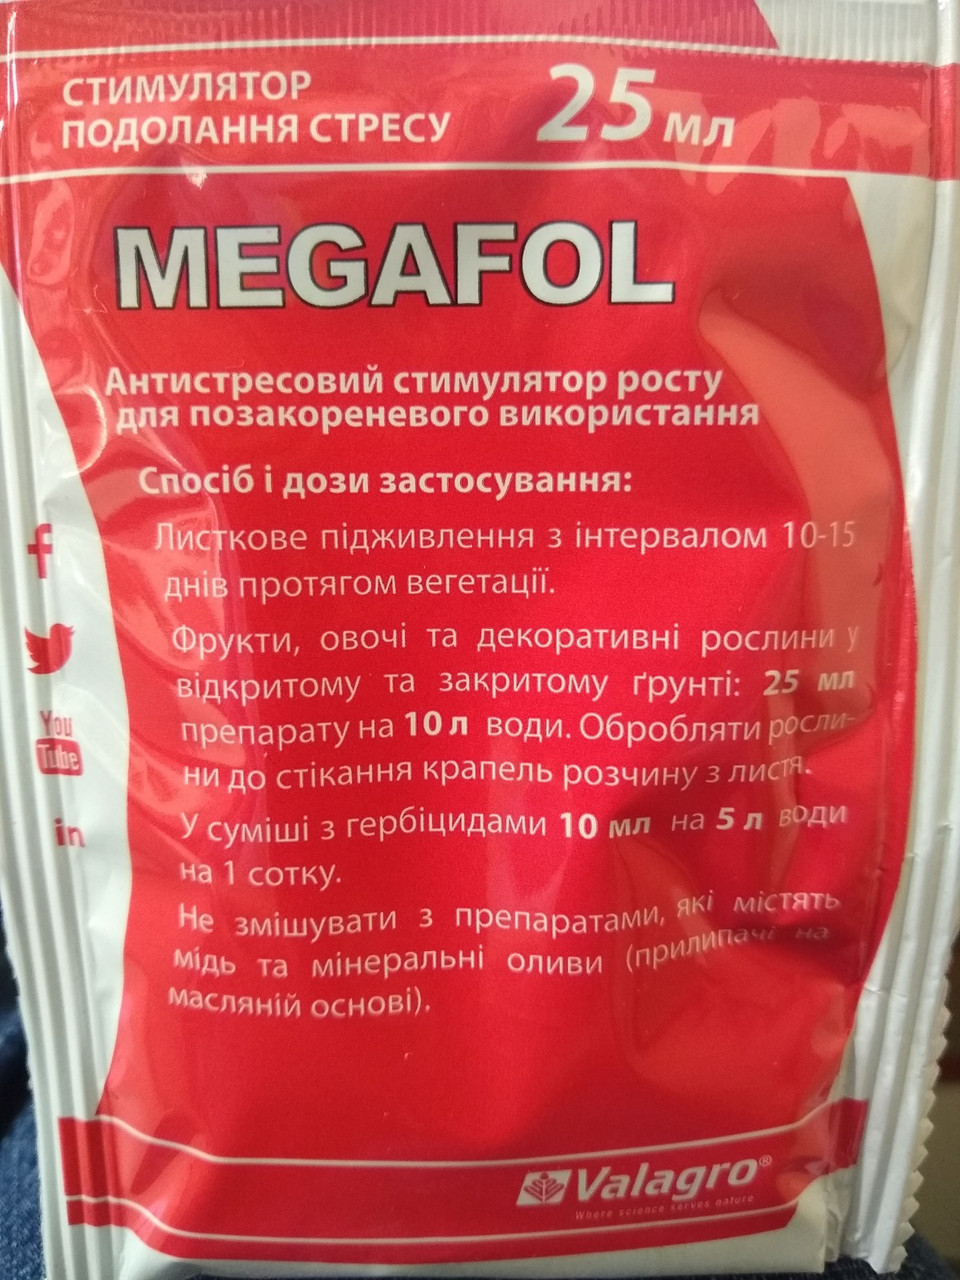 """Антистрессовый стимулятор роста """"Мегафол"""", """"Megafol"""", 25 мл """"Valagro"""", Италия"""